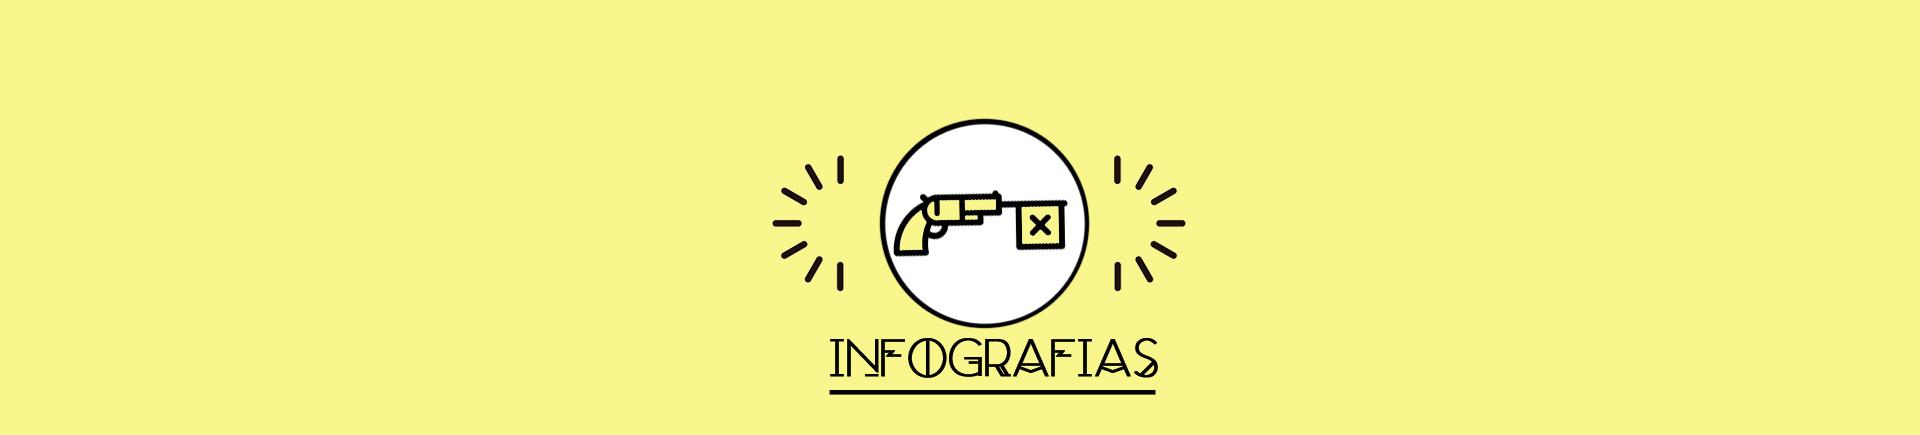 banner infografías